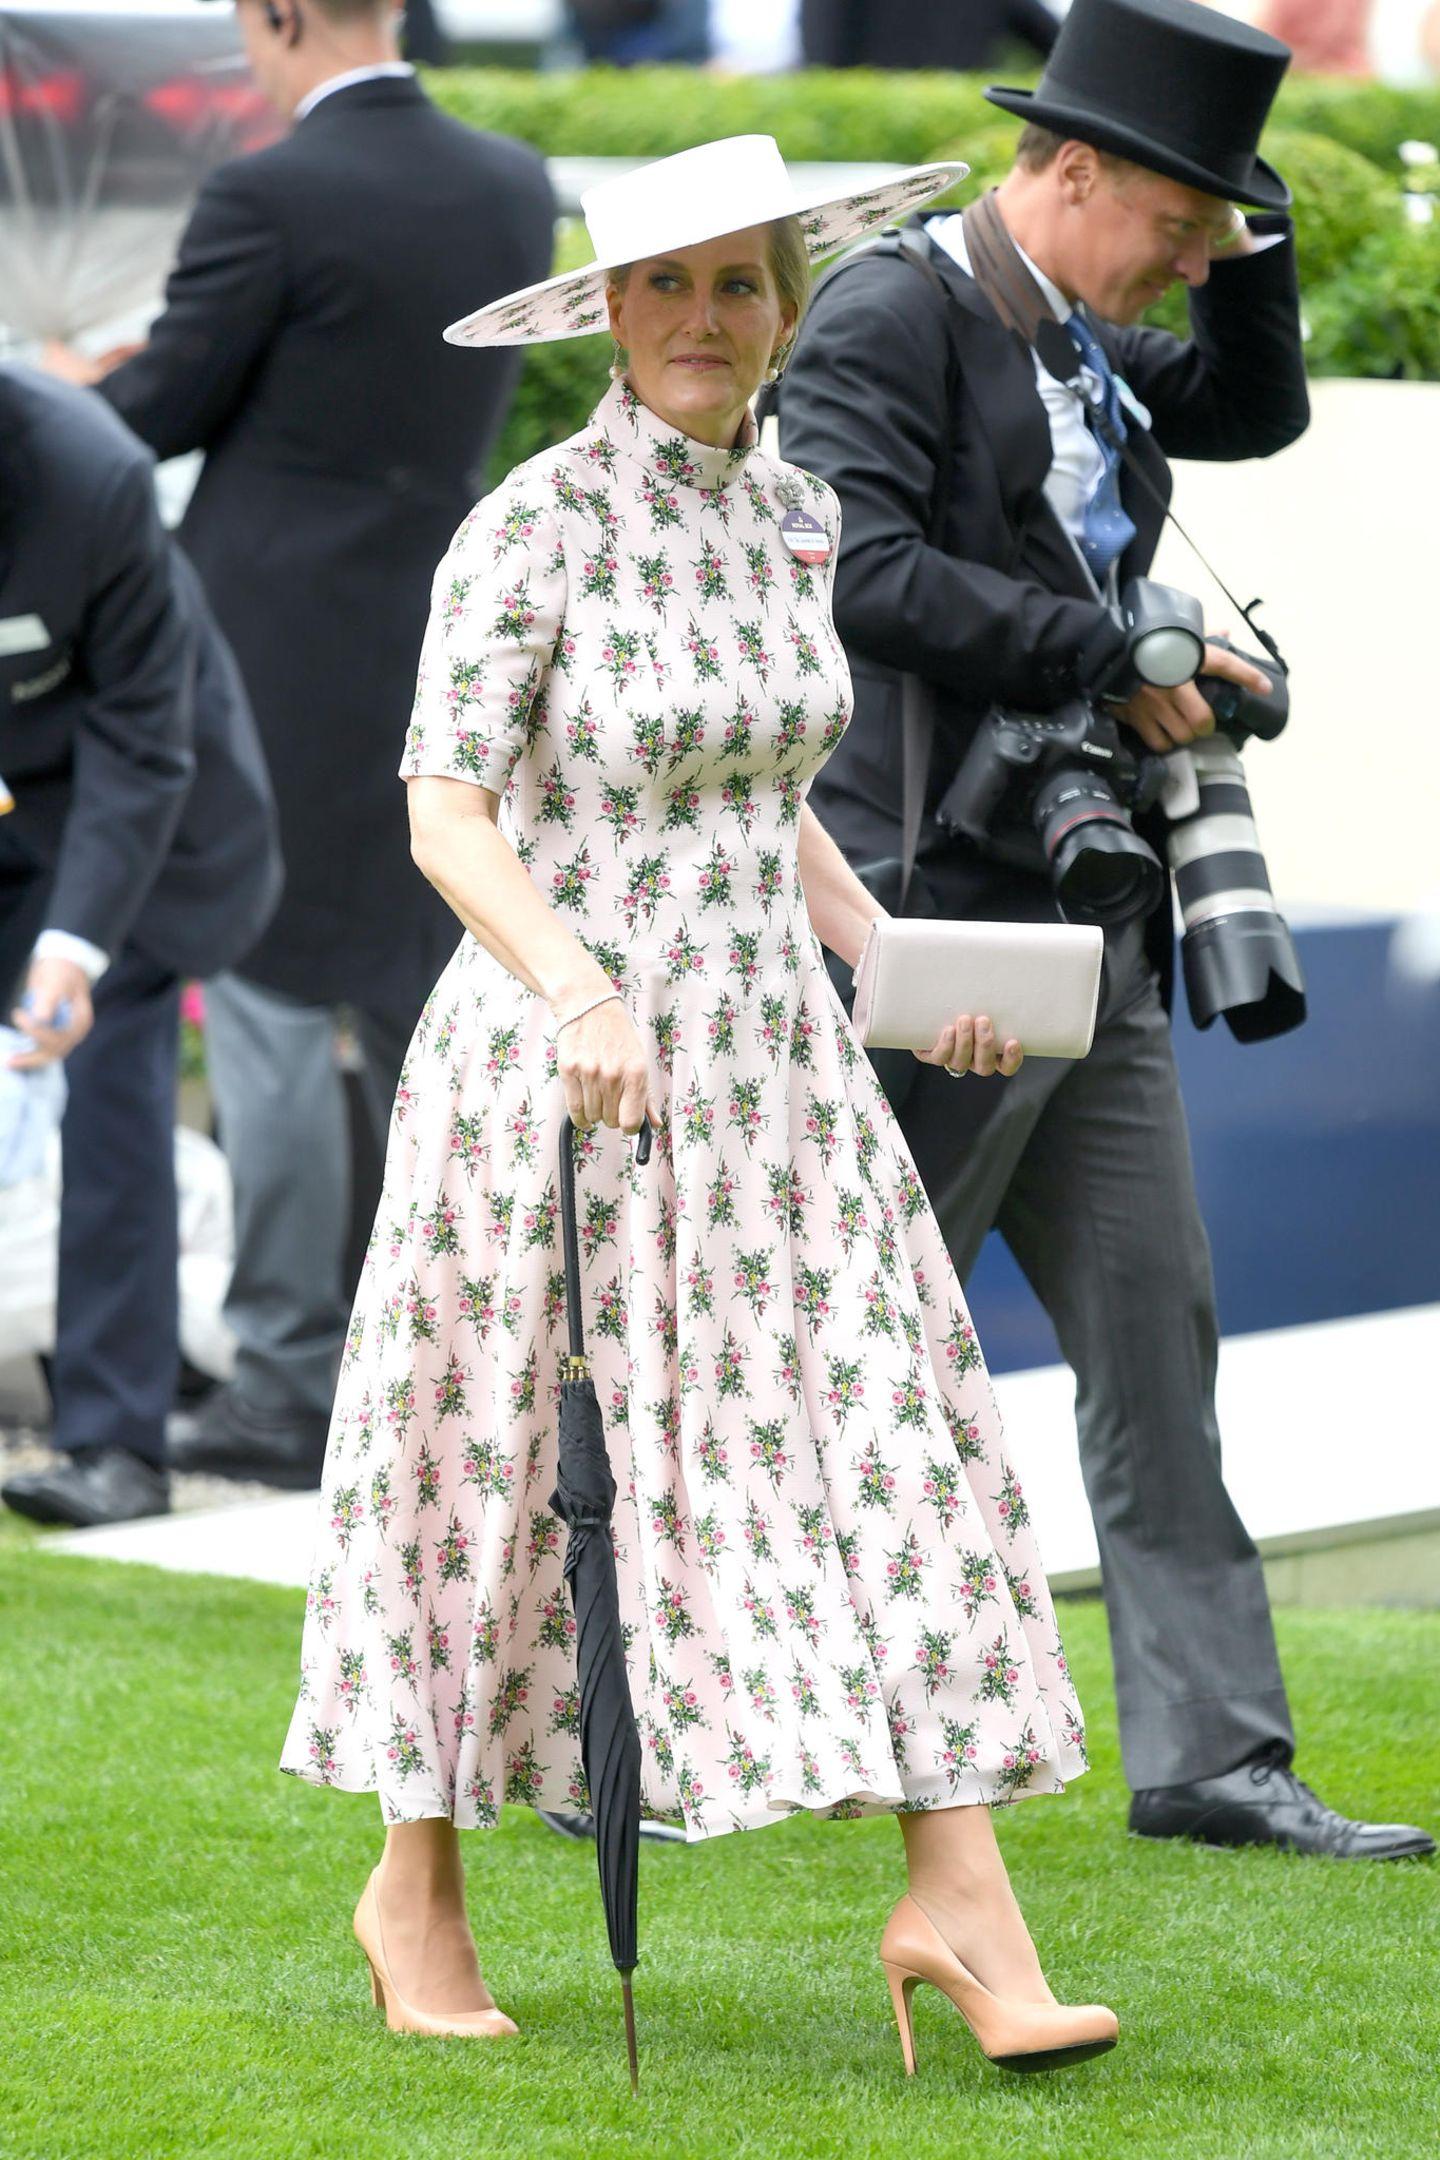 Sophie, Gräfin von Wessex, setzt auf ein weißes Midi-Dress mit Muster. Der hochgeschlossene Schnitt, die betonte Taille und der ausgestellte Rock stehen ihr super.